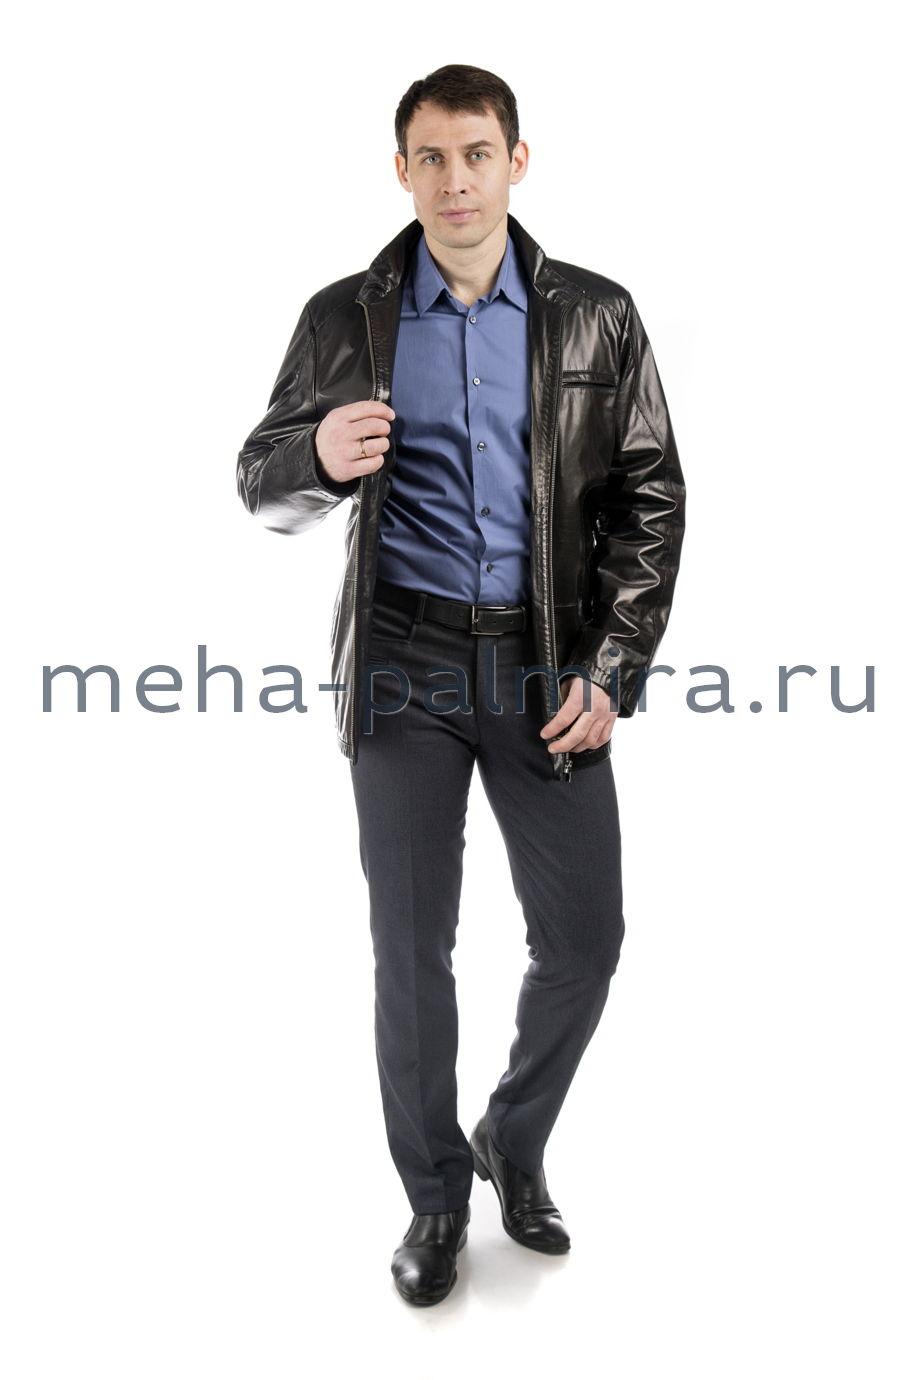 Удлиненная мужская куртка из натуральной кожи на молнии